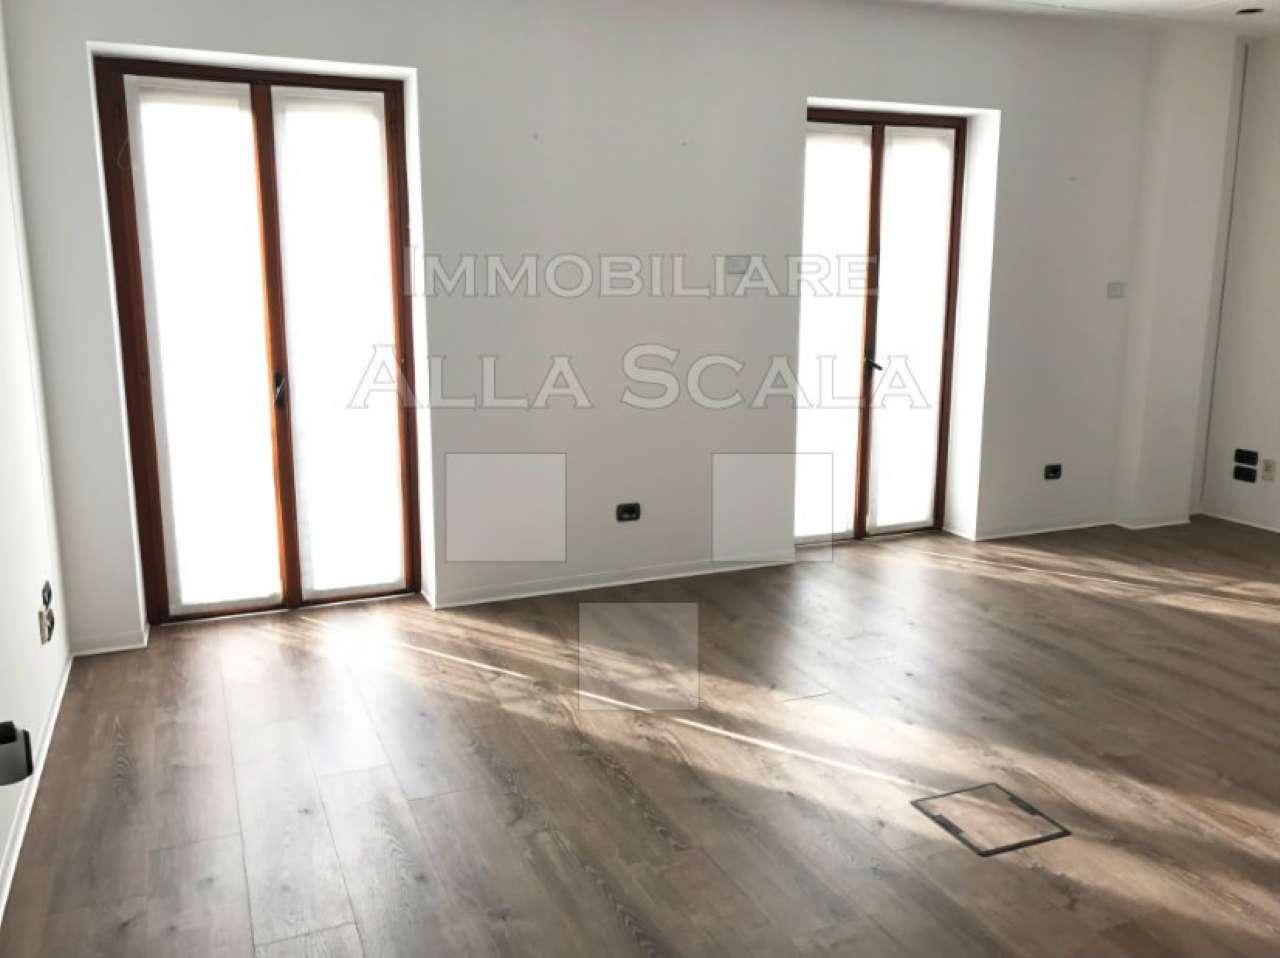 Ufficio-studio in Affitto a Milano 01 Centro storico (Cerchia dei Navigli):  5 locali, 156 mq  - Foto 1